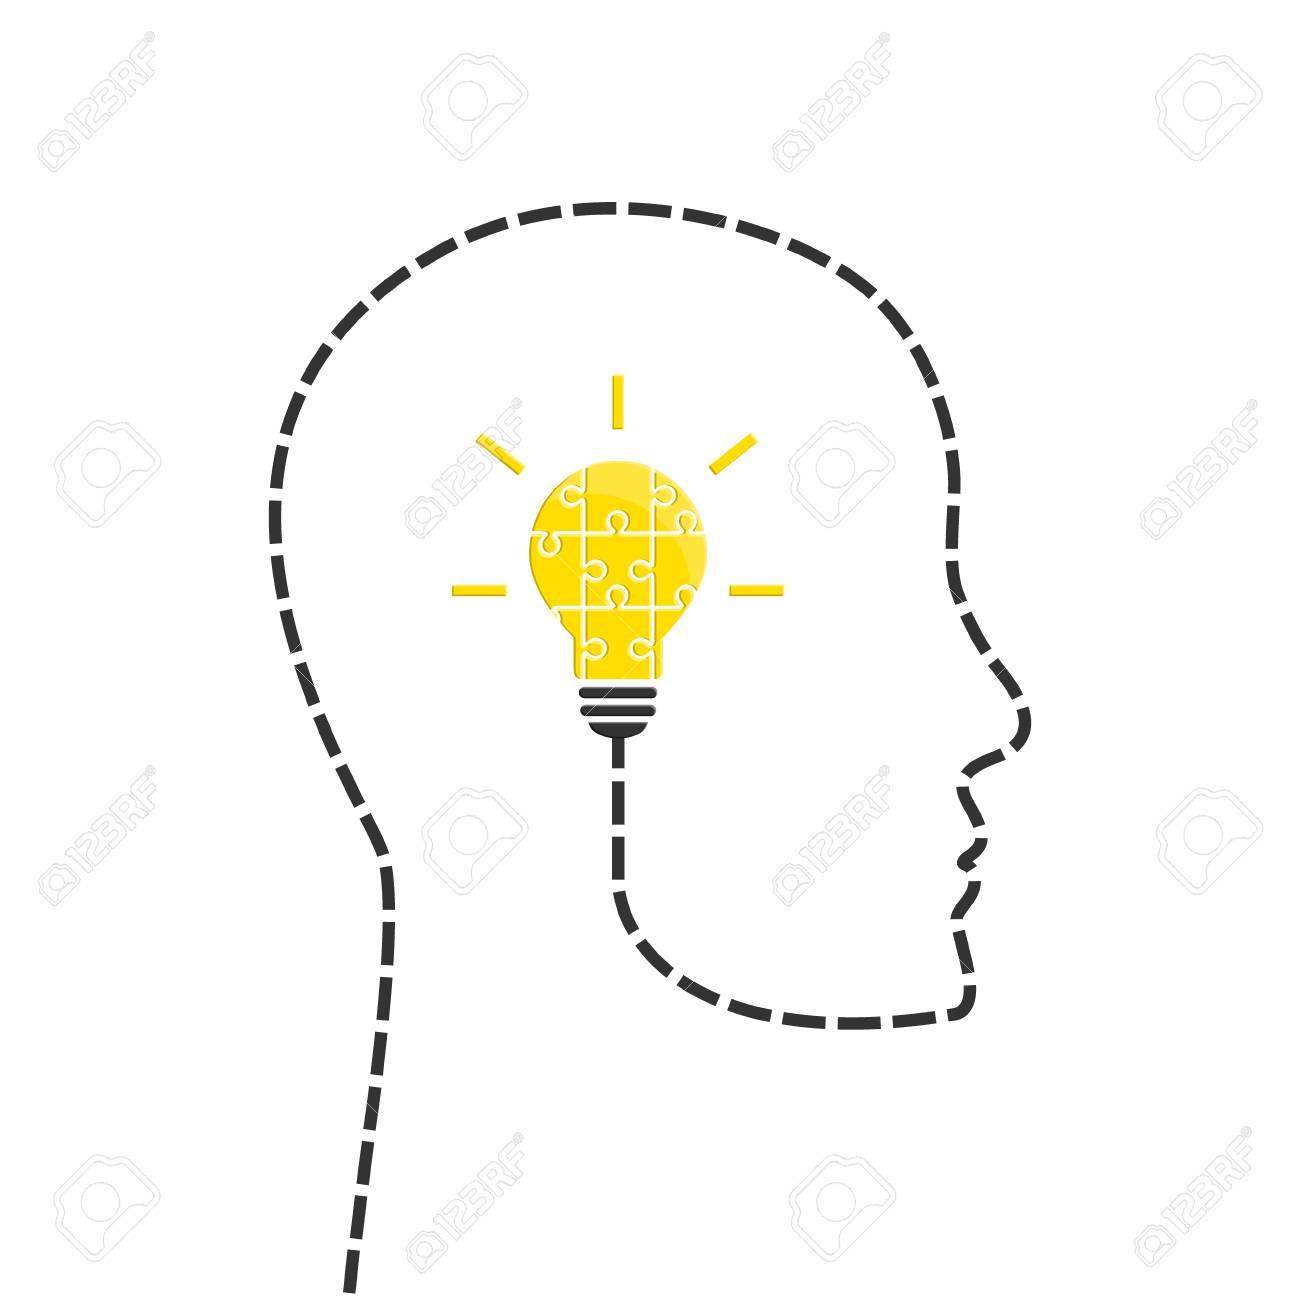 Idée De Photo De Profil idée concept avec ligne de profil et ampoule faite de pièces de puzzle  lumineux